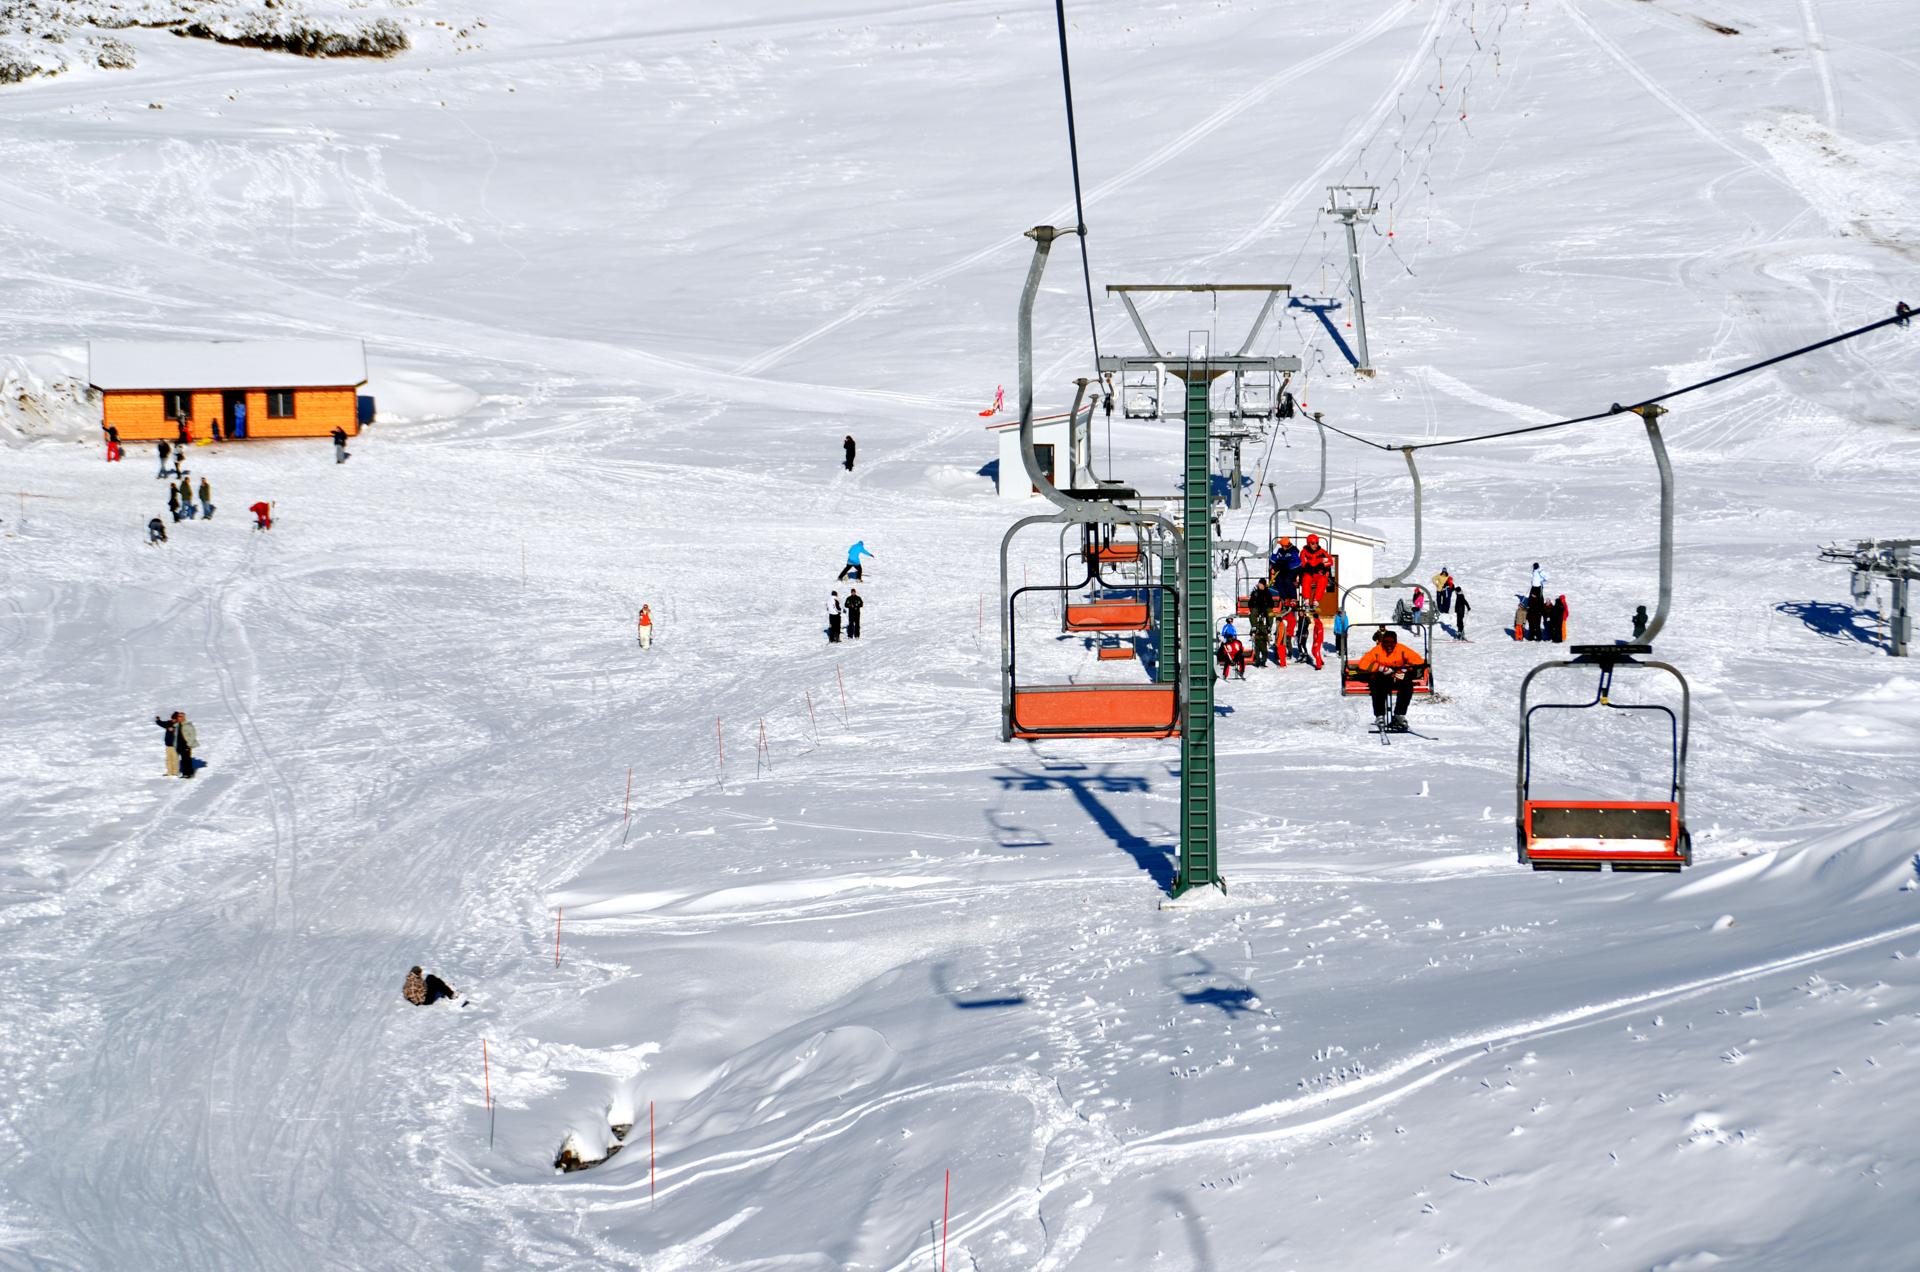 Αποτέλεσμα εικόνας για χιονοδρομικο